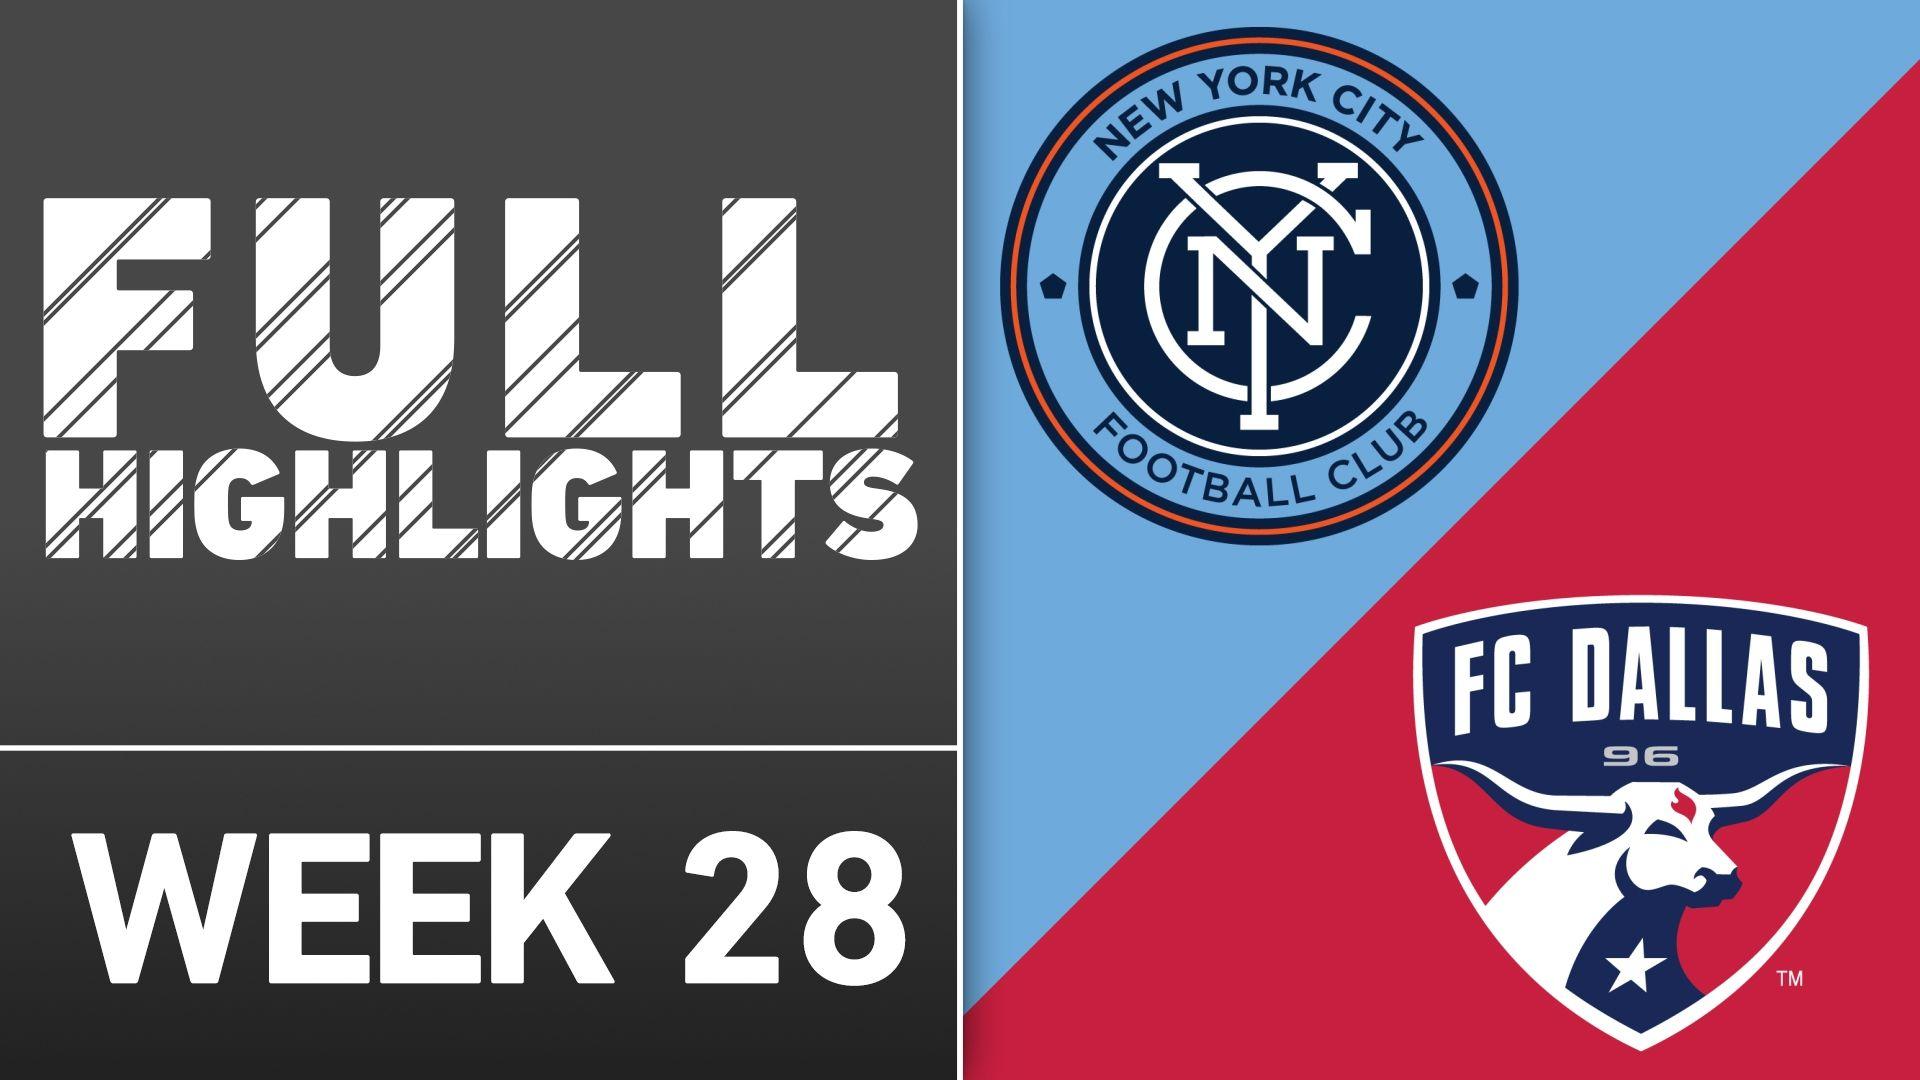 Video via MLS: NYCFC 2-2 FC Dallas